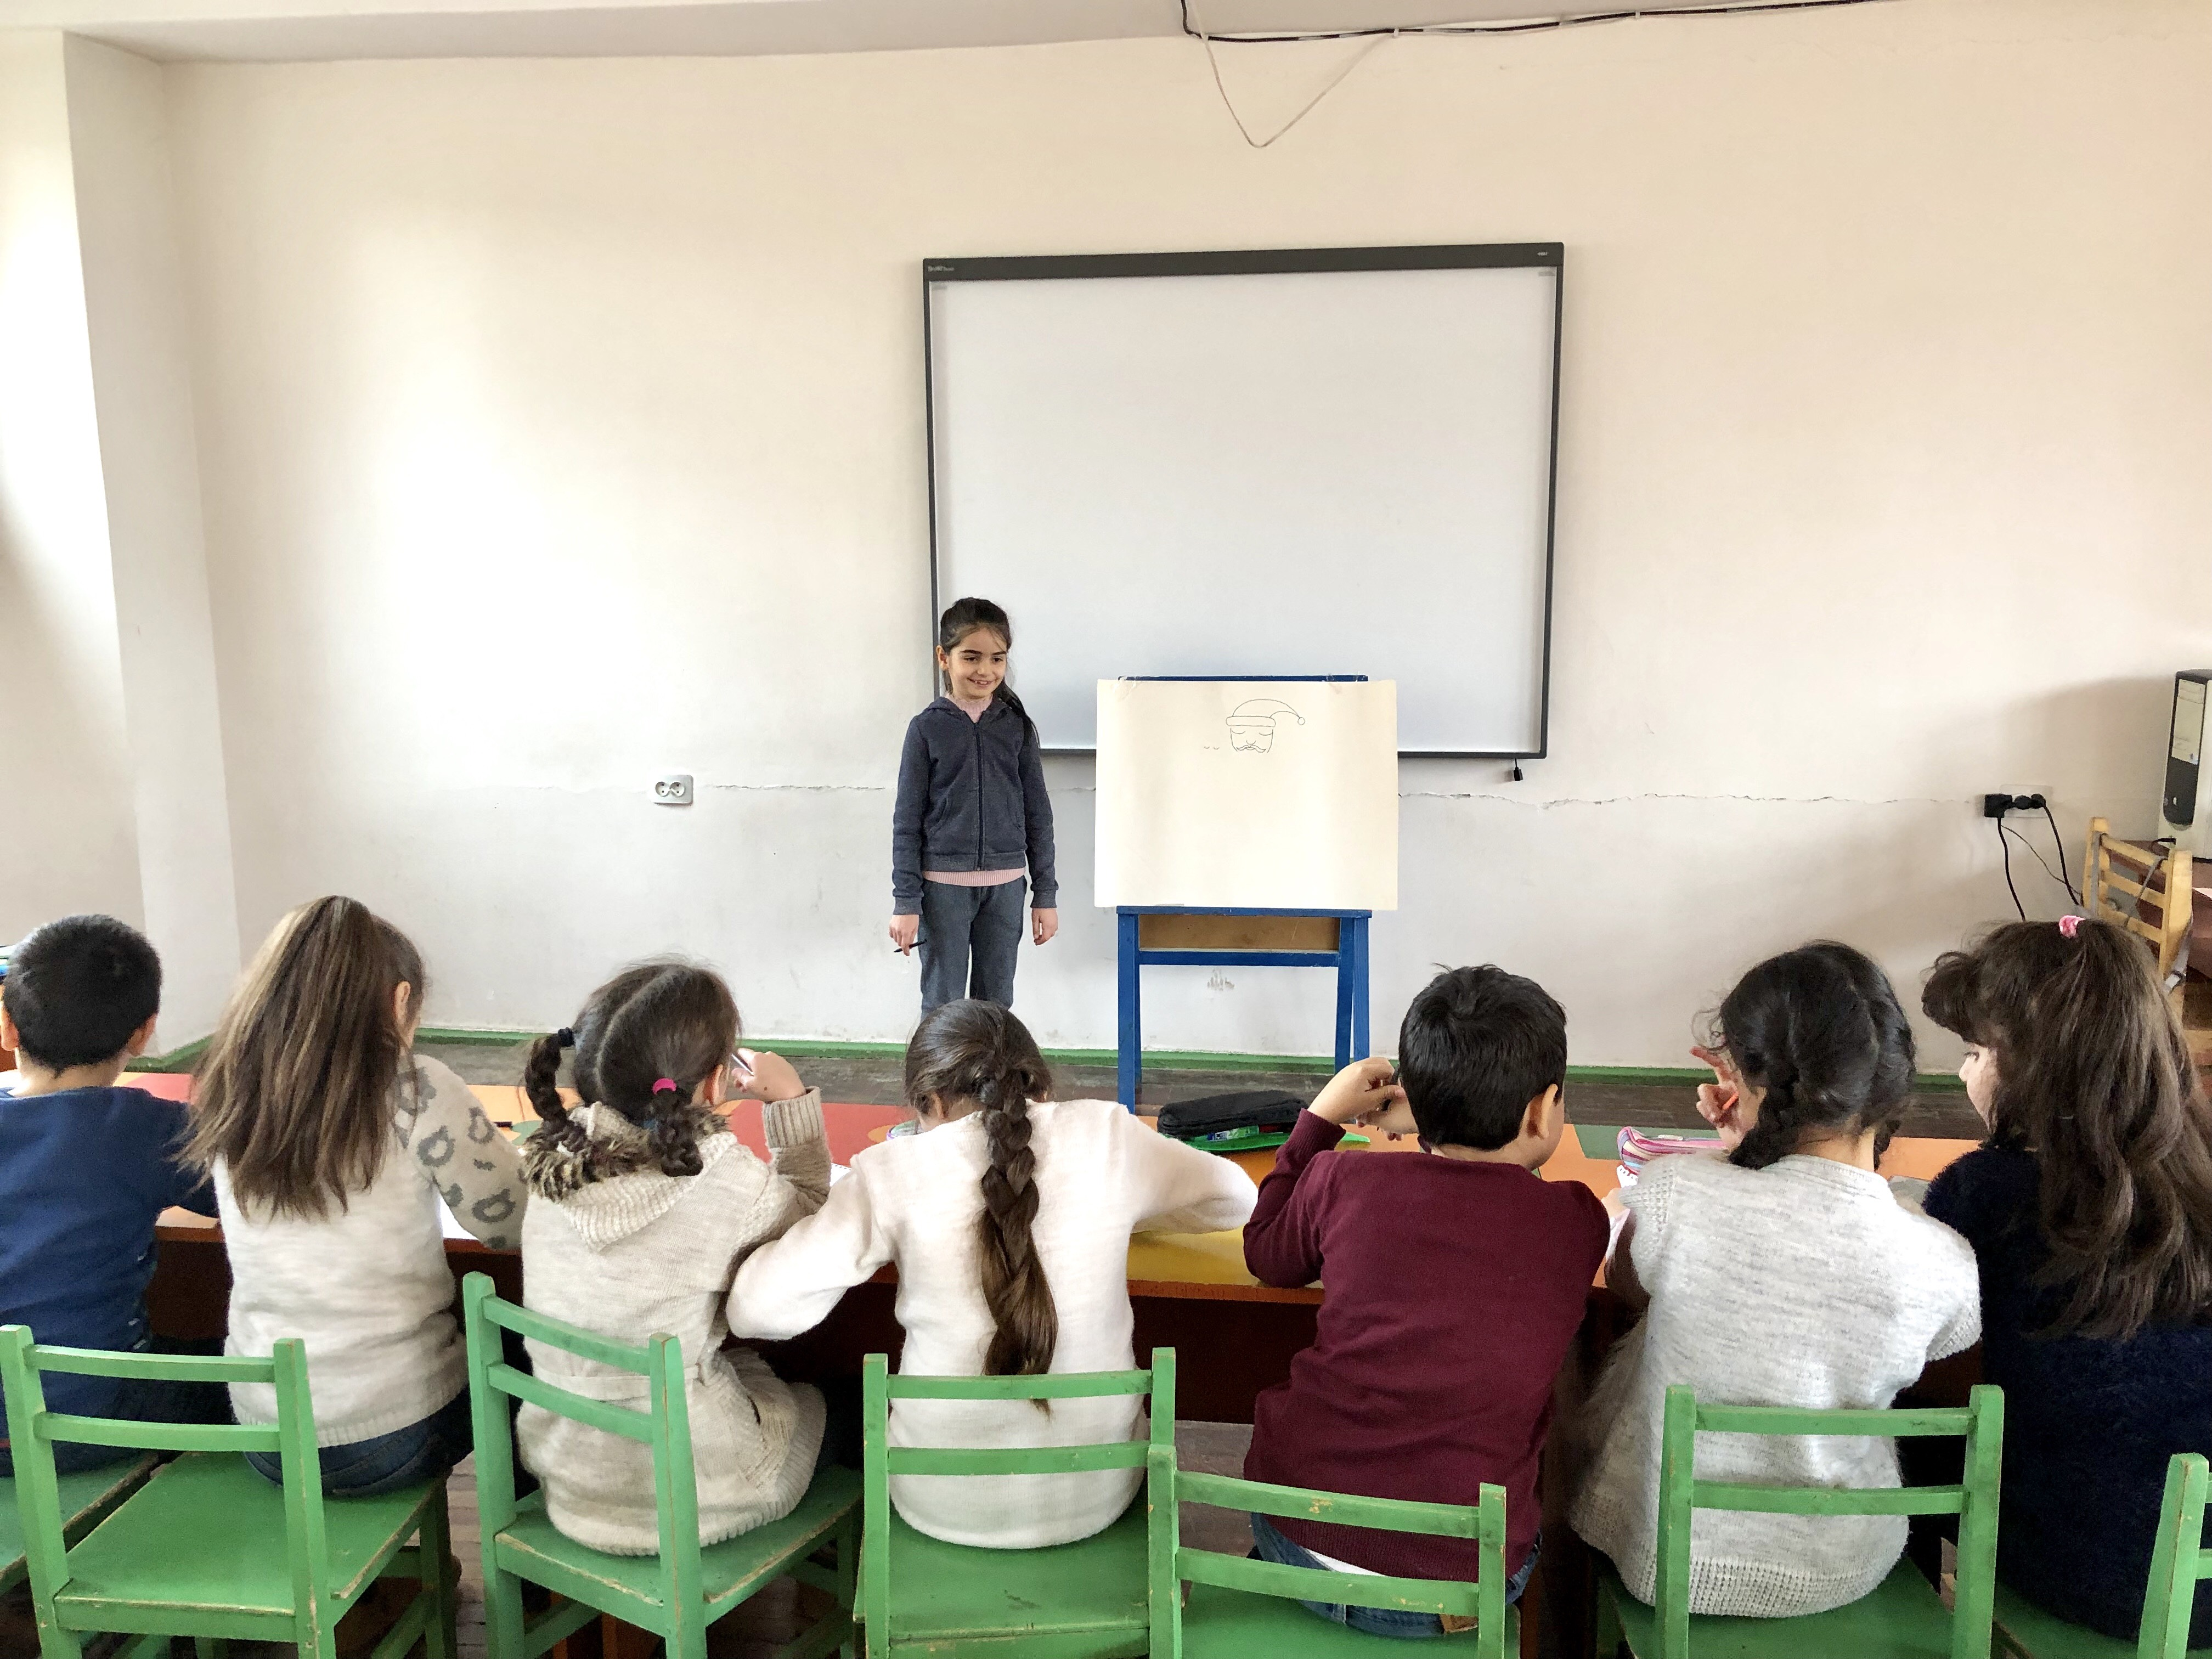 Պարապմունք Հարավային դպրոց մանկավարժական խորհուրդով